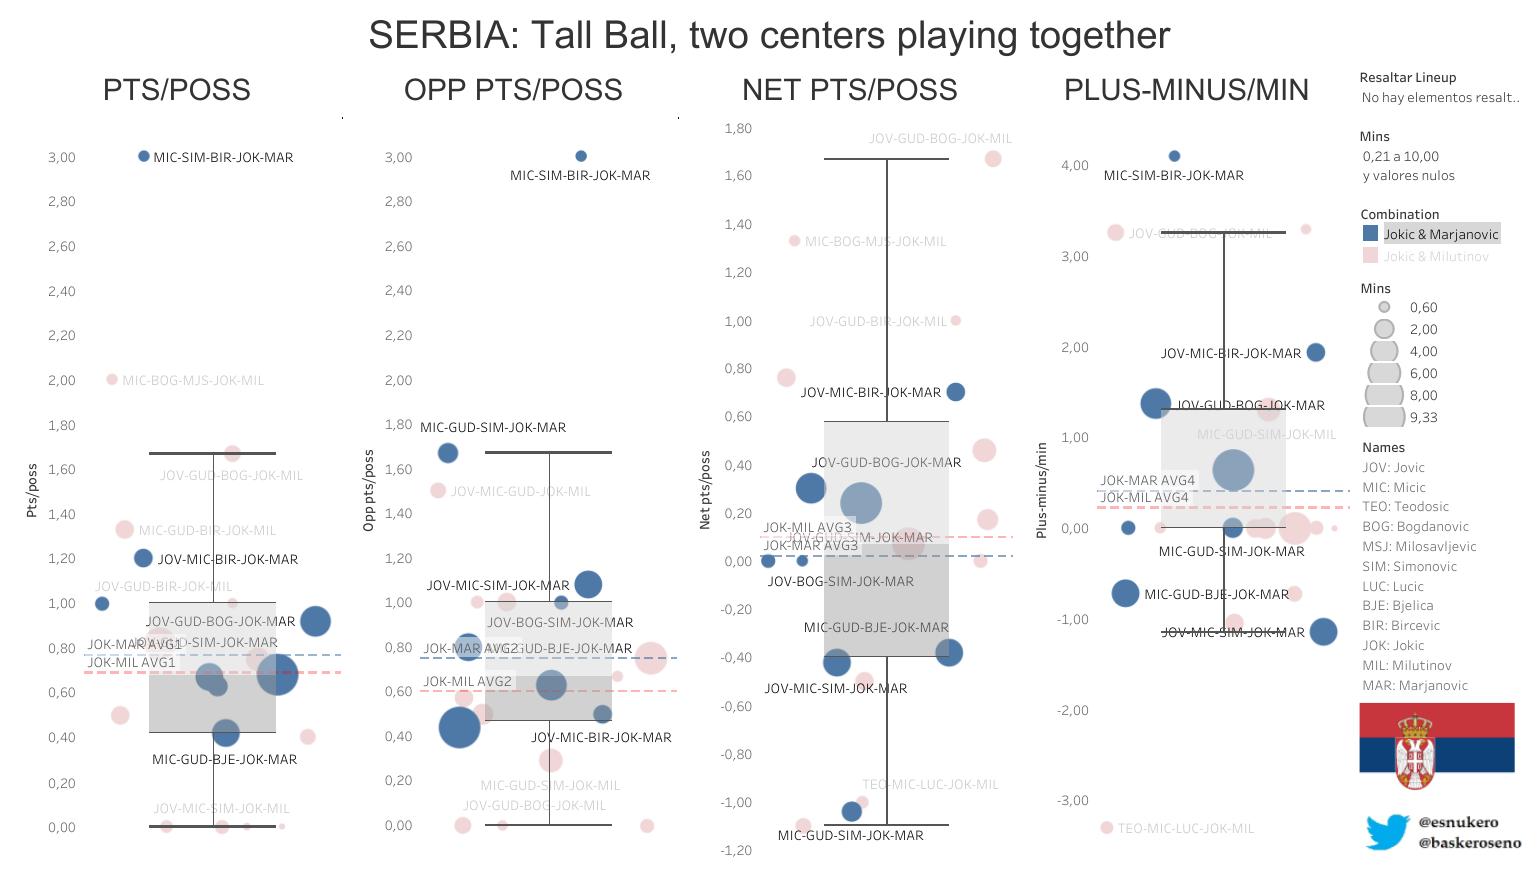 estadísticas baloncesto Serbia